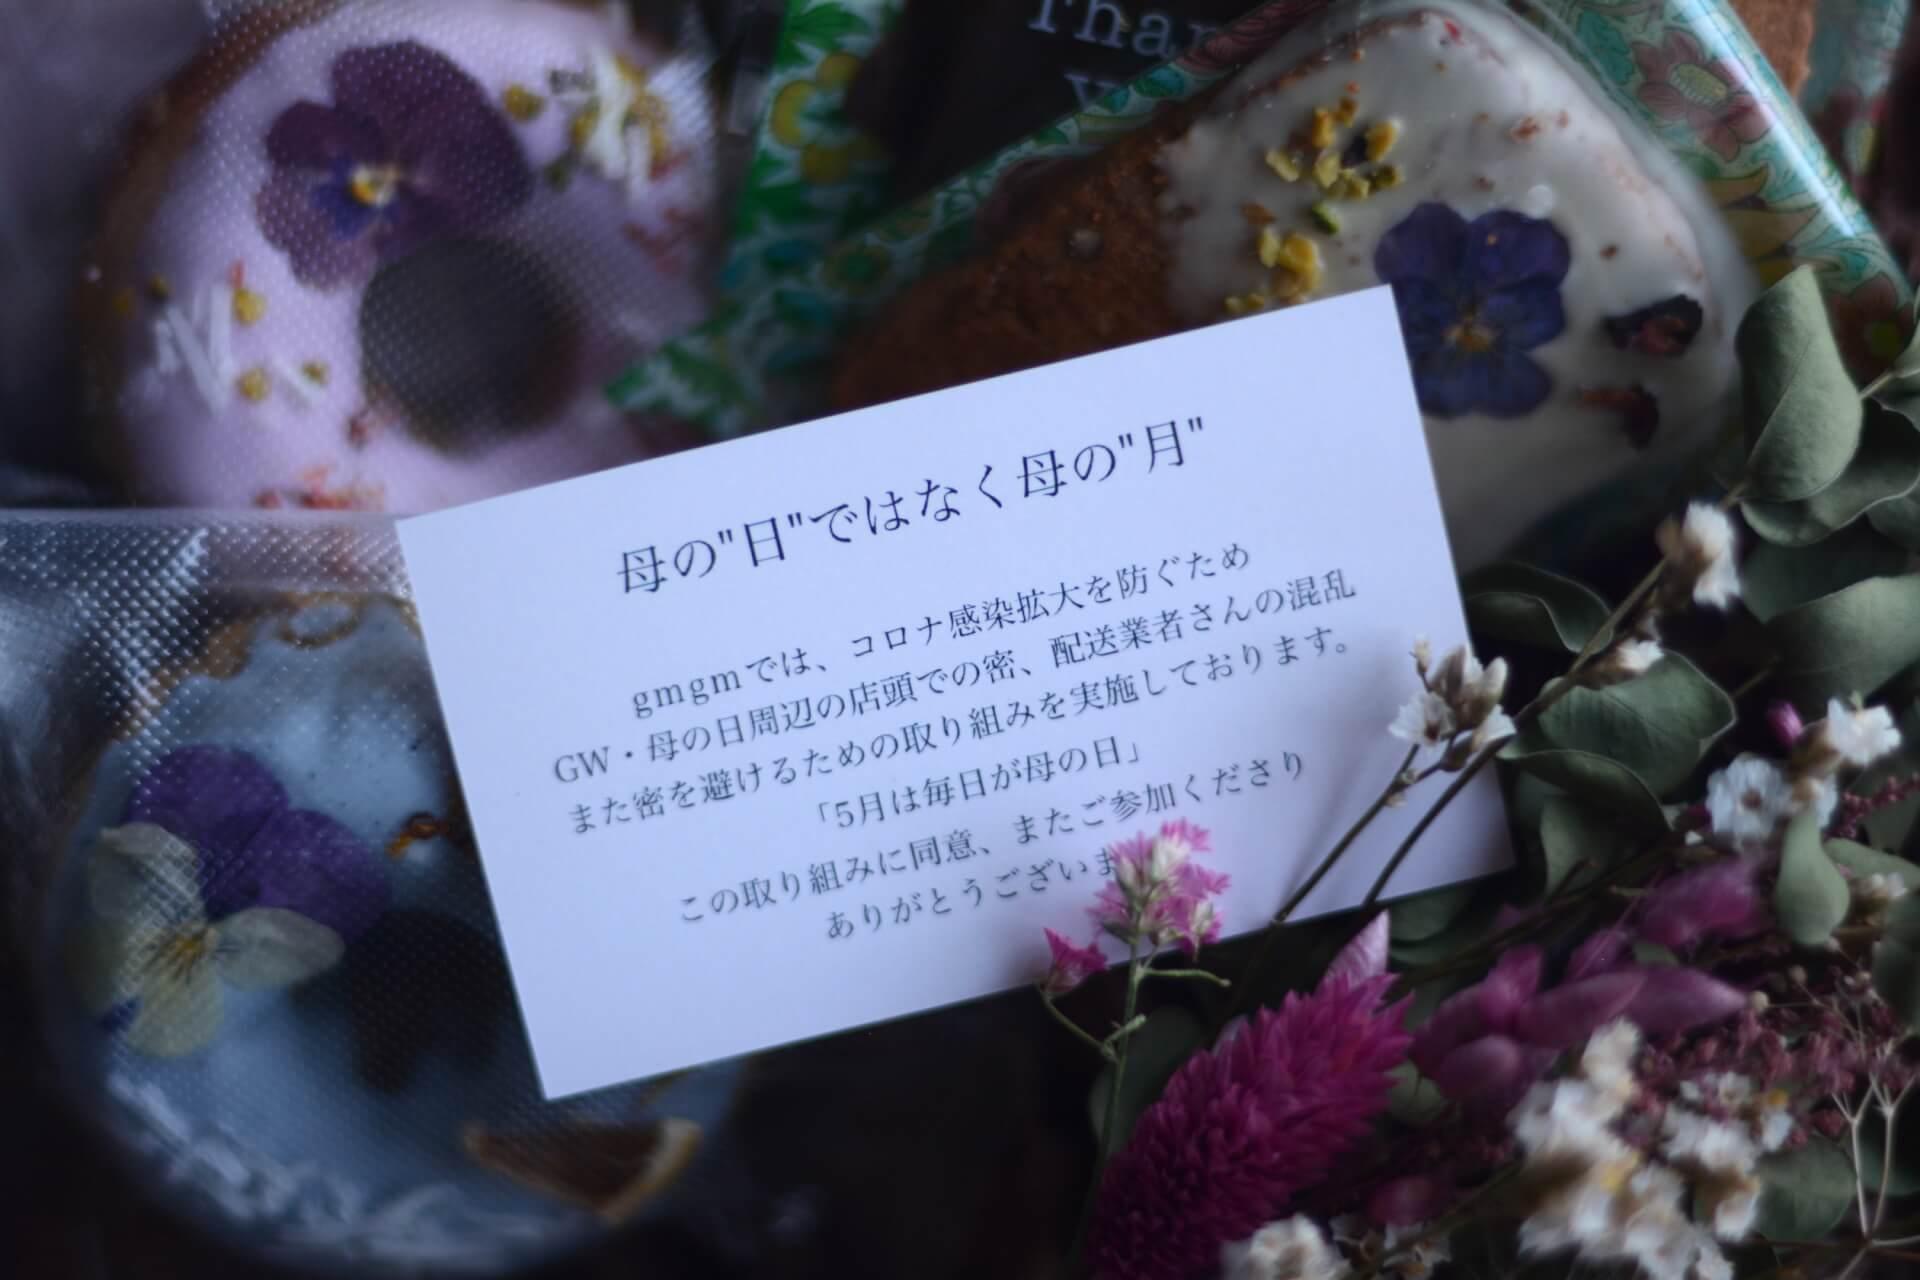 お花のクッキーが人気のgmgmで、ブーケ&お花のドーナツ付『母の日ギフトBOX』が予約受付開始! goulmet210408_gmgm_6